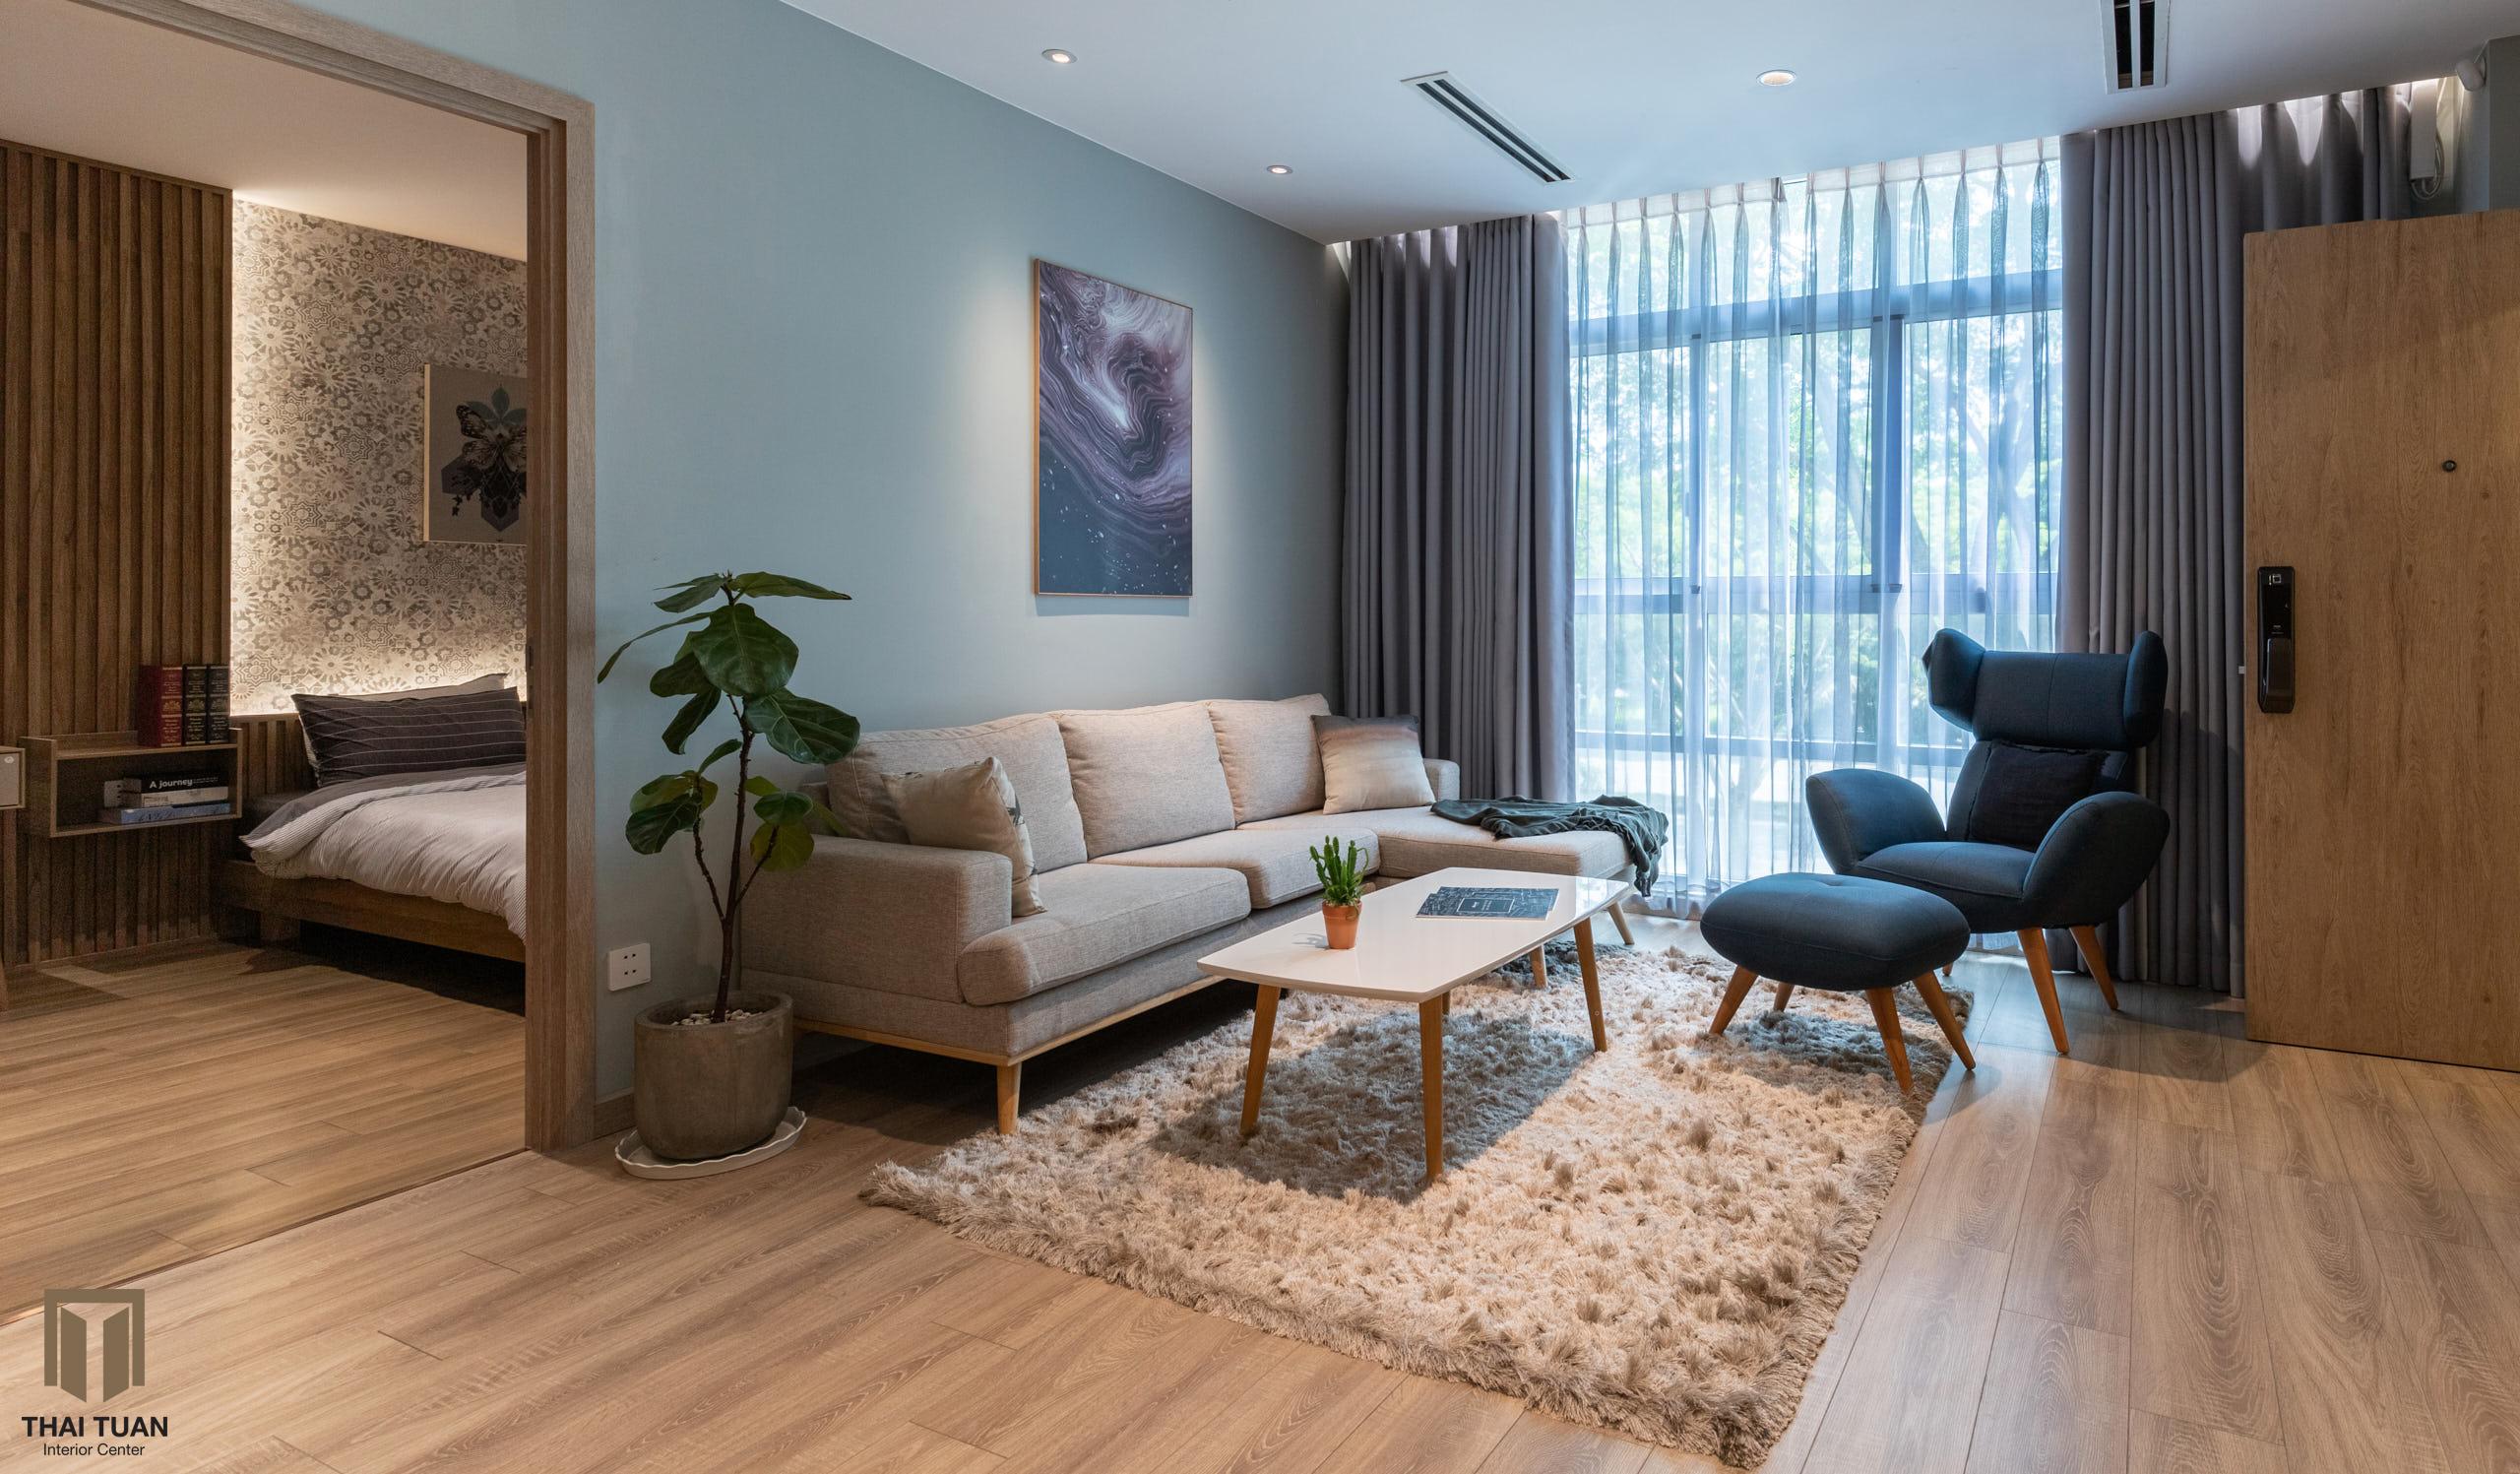 Phòng khách nhã nhặn với tone màu trung tính